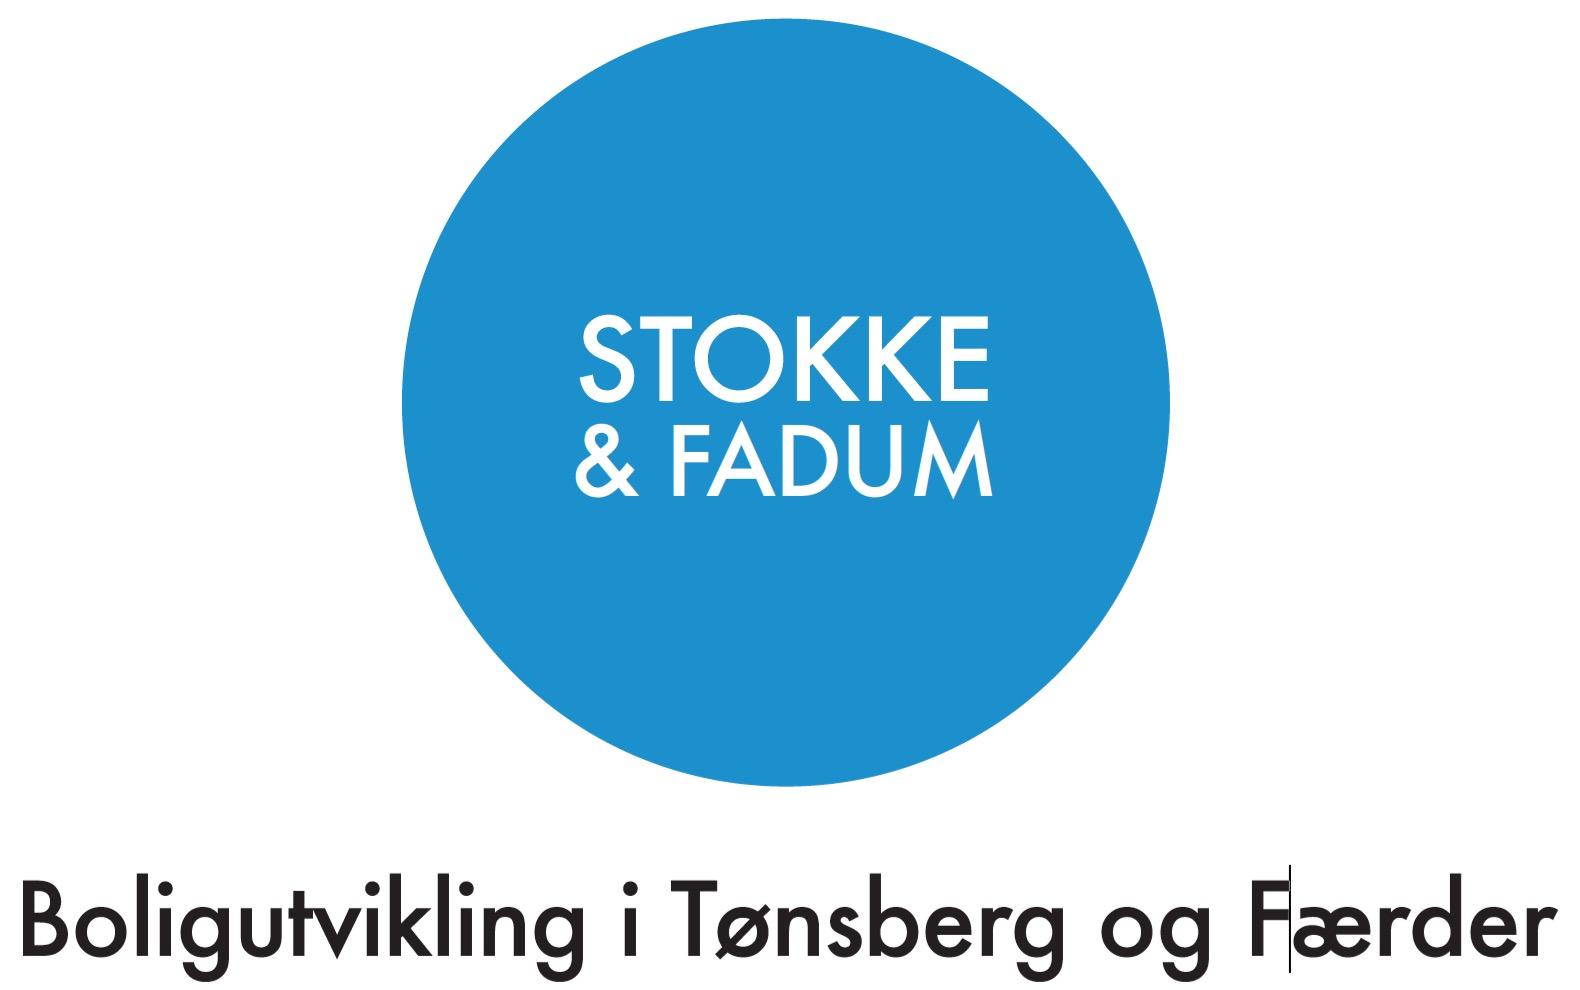 Stokke&Fadum